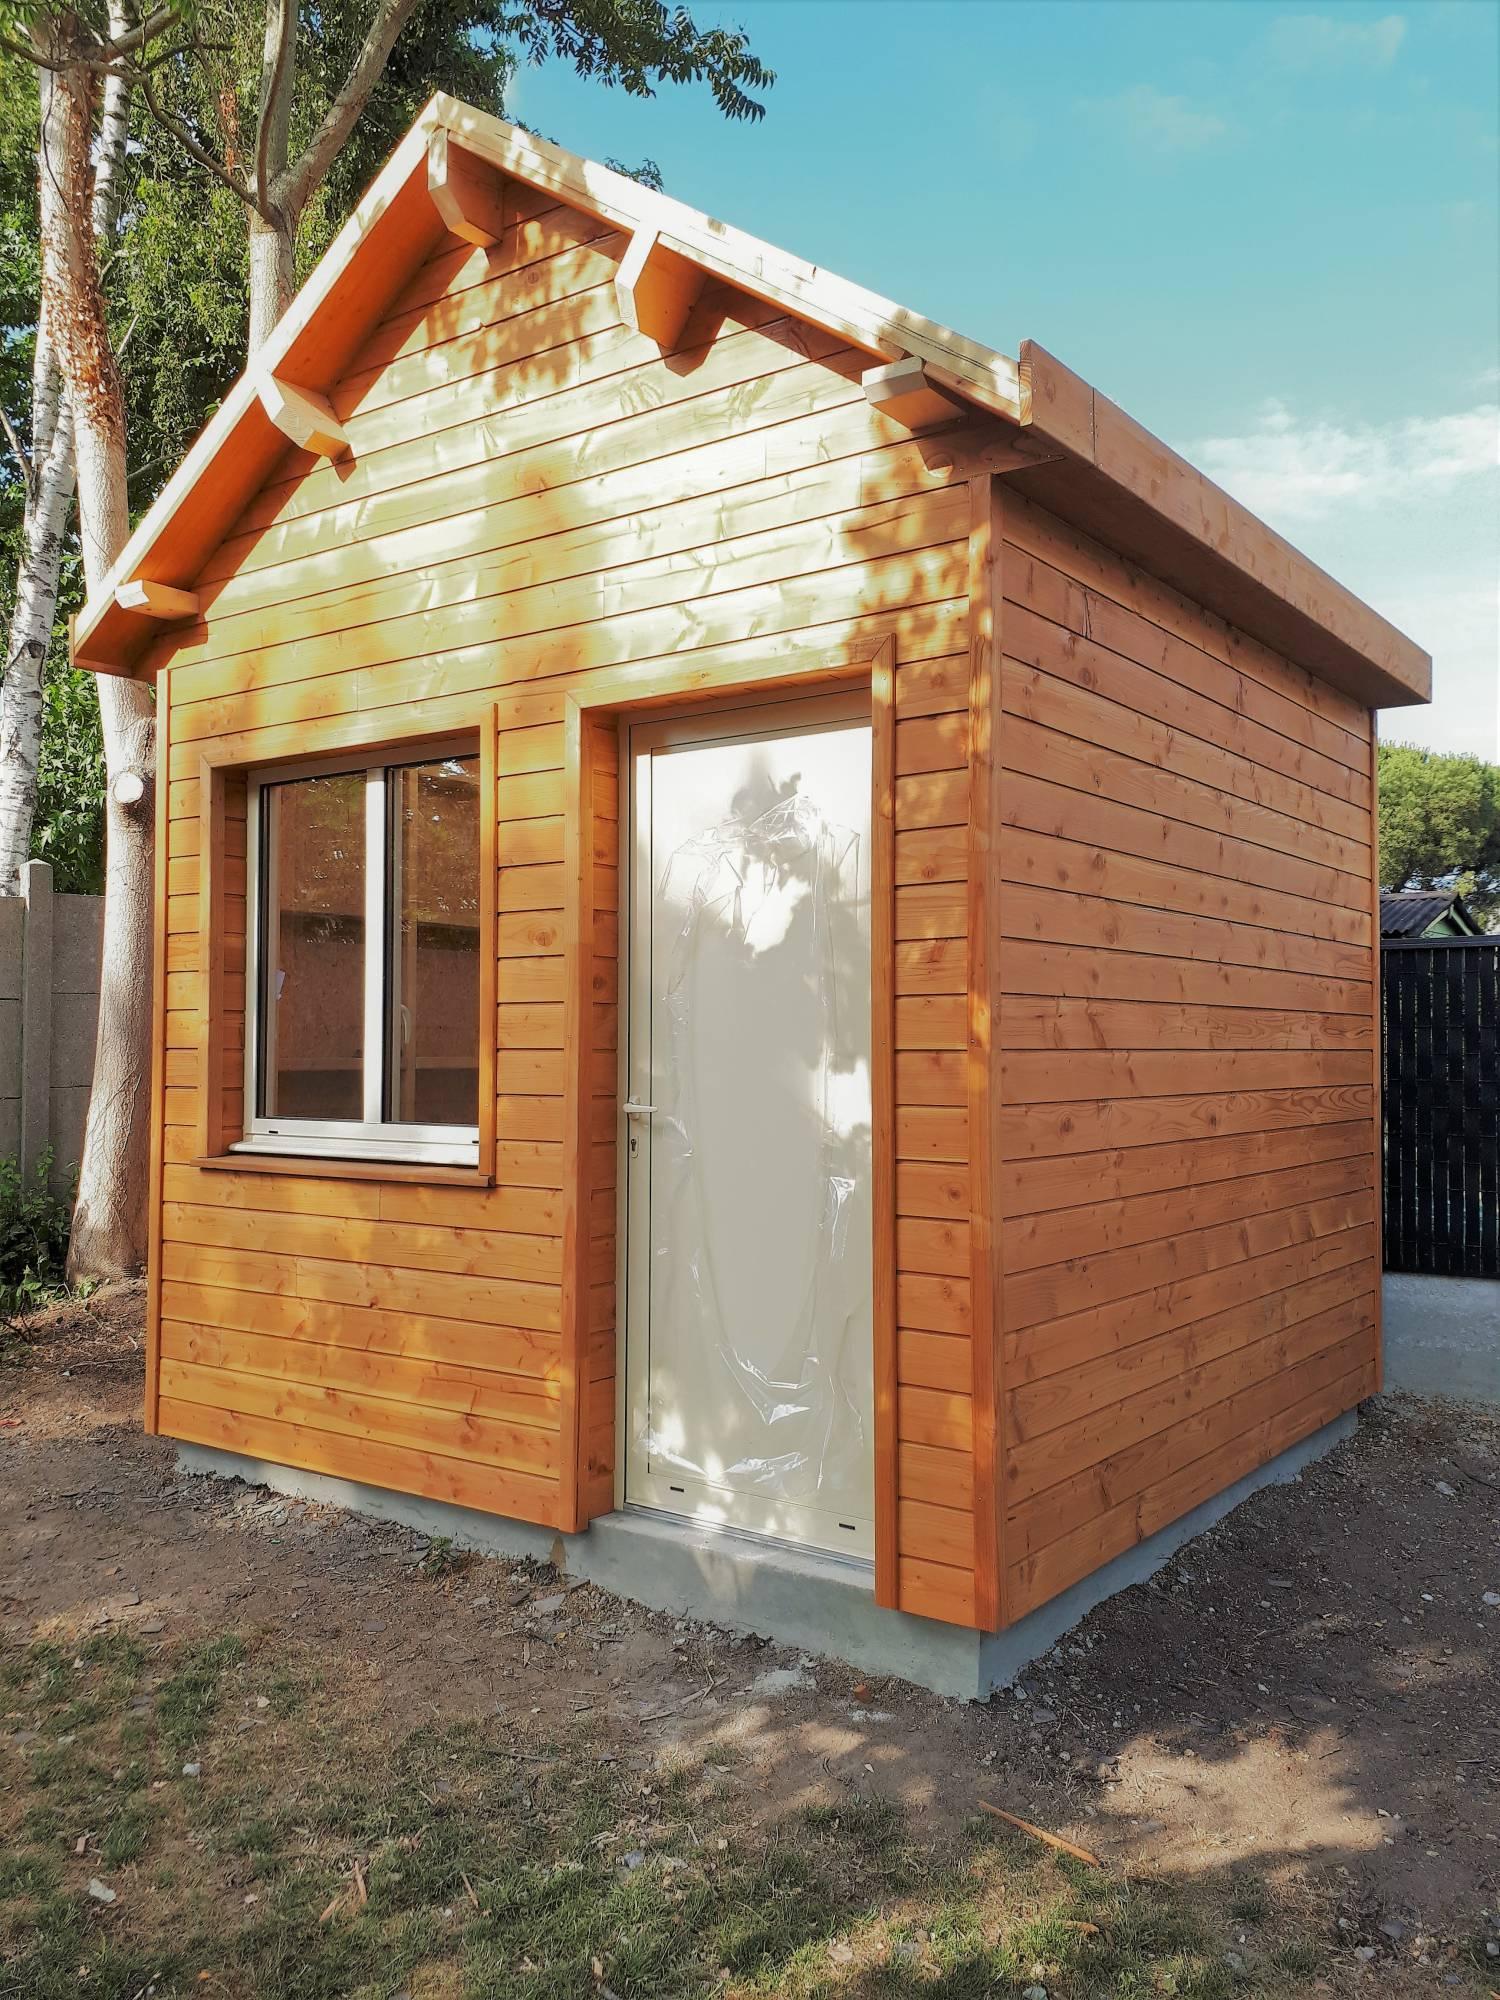 Fabricant D'abri En Bois Pour Voiture, Moto Ou Camping Car ... tout Abri Moto Jardin